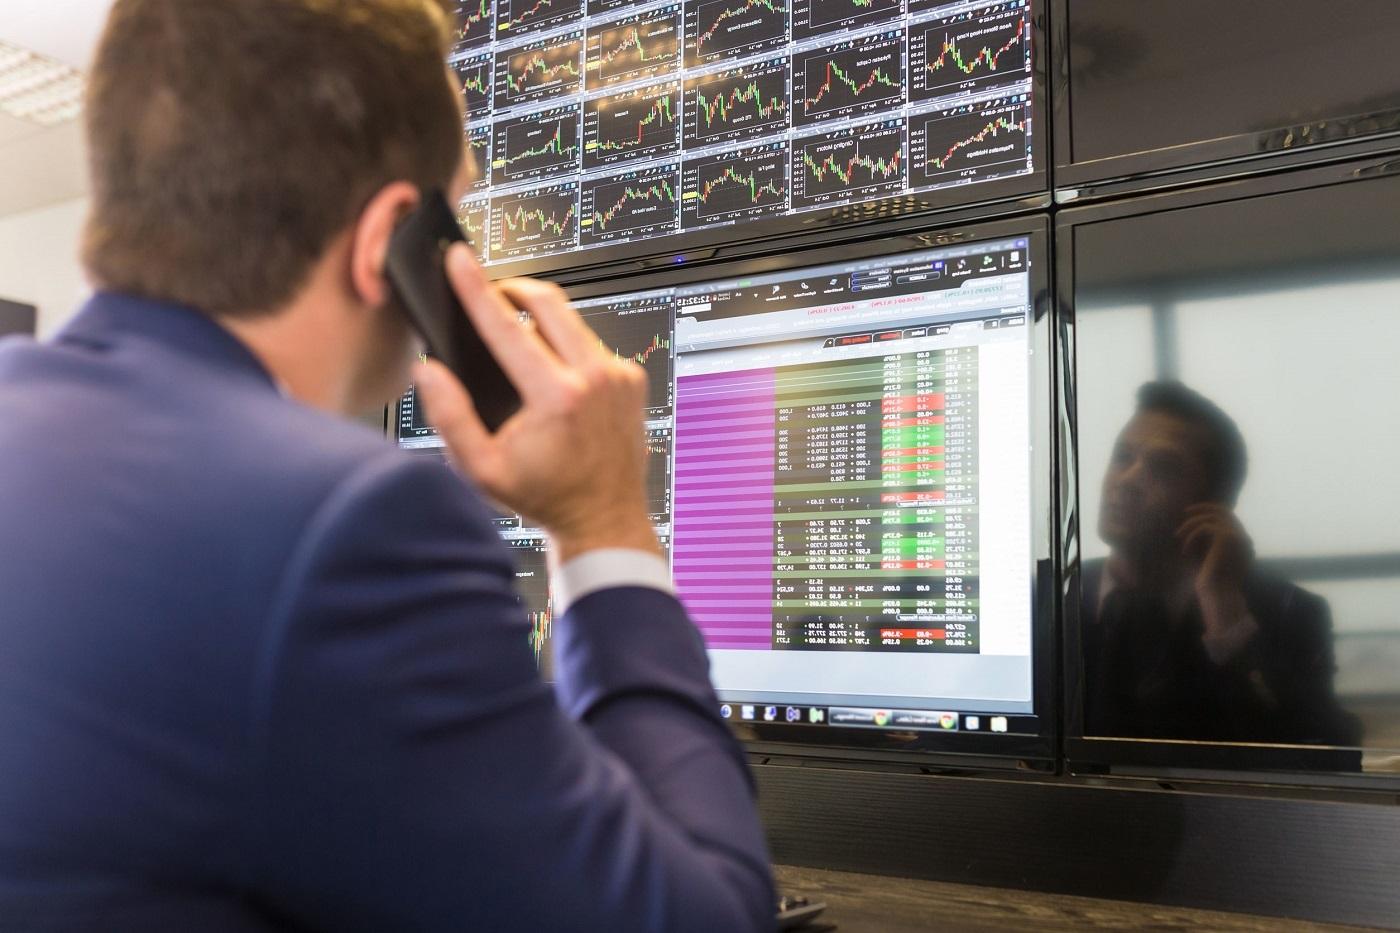 Tudo o que um Trader precisa para alcançar o sucesso